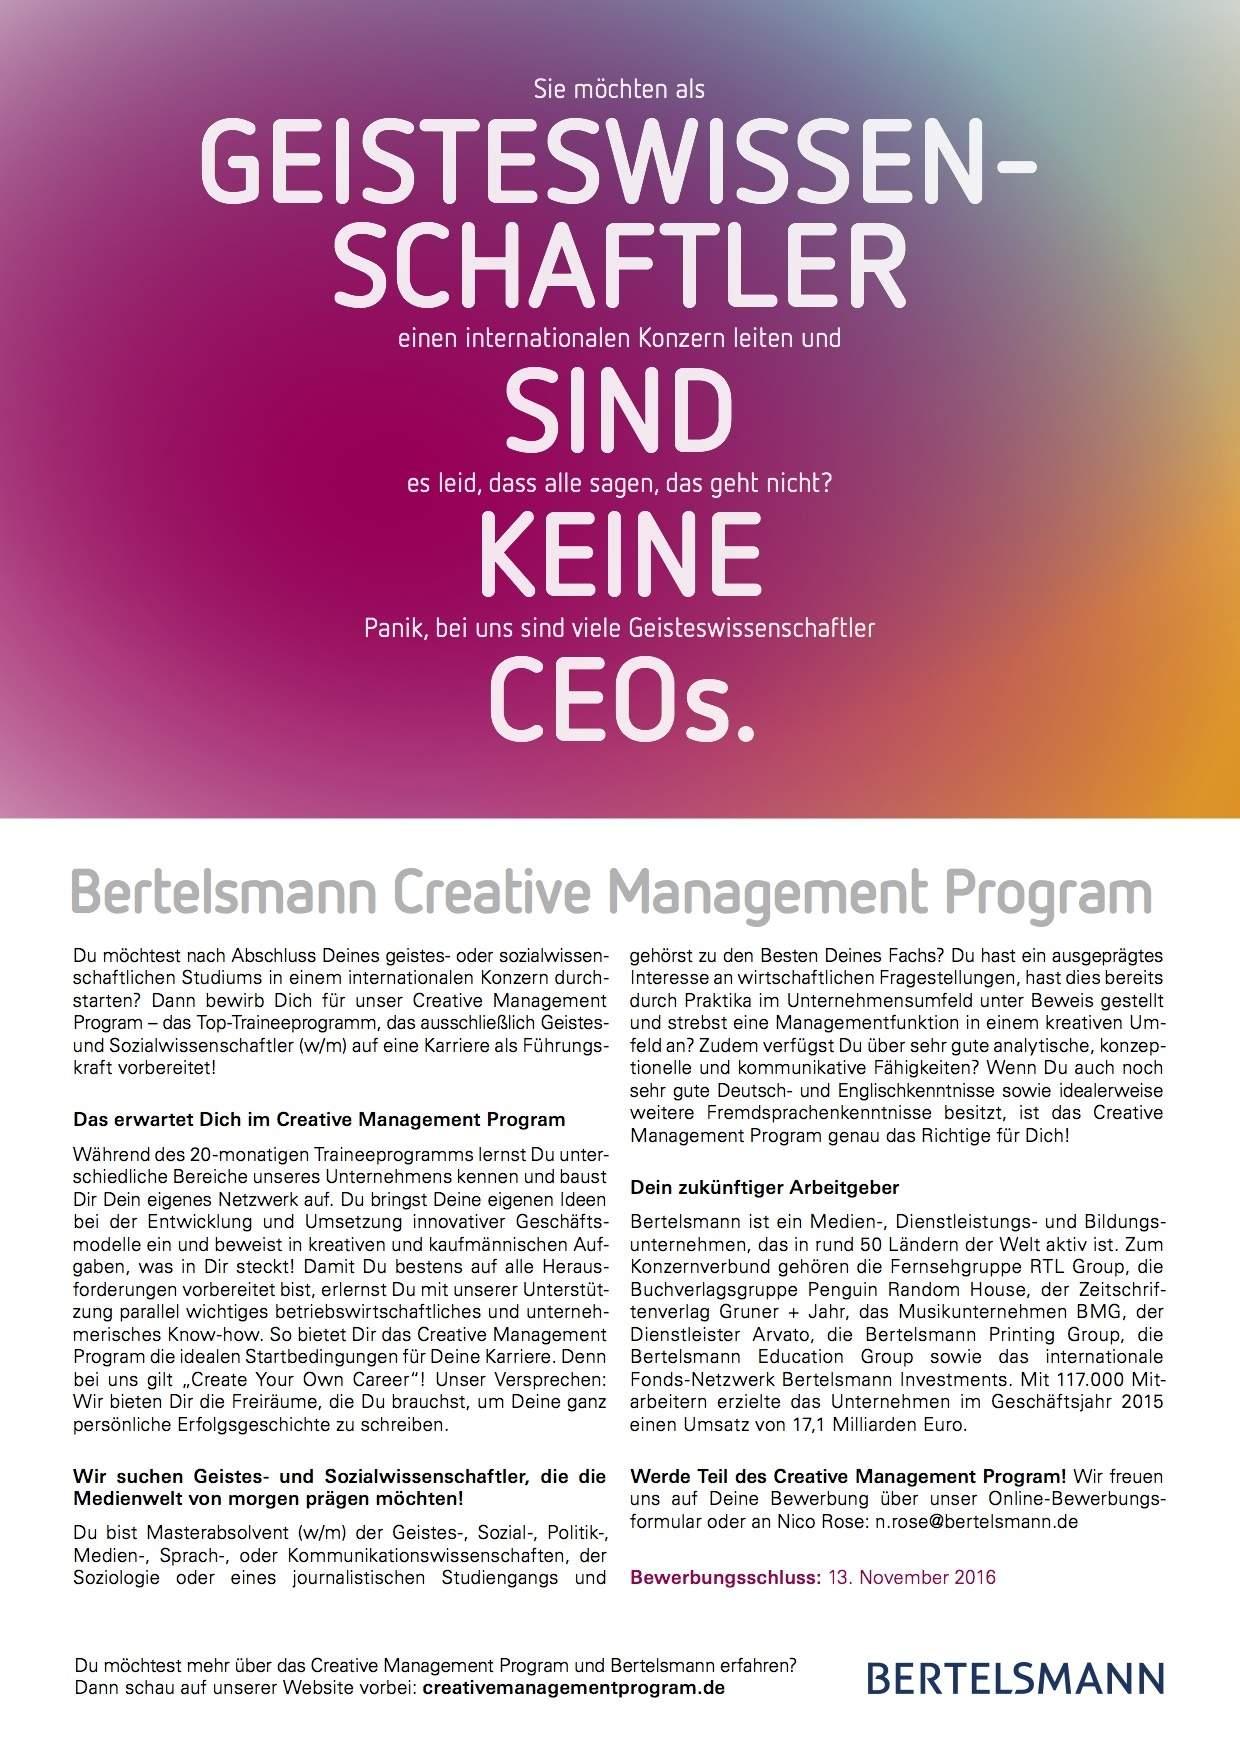 Zentrale Informationen zum Traineeprogramm für Geisteswissenschaftler bei Bertelsmann.